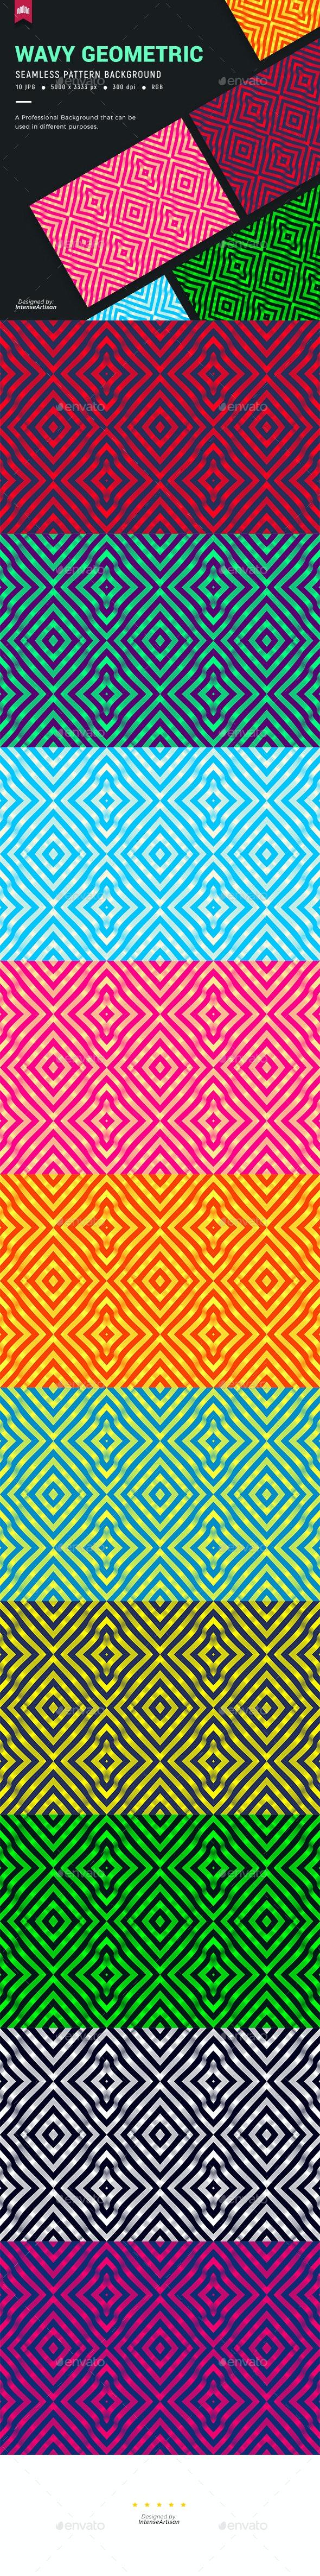 Wavy Geometric Seamless Pattern Background - Patterns Backgrounds